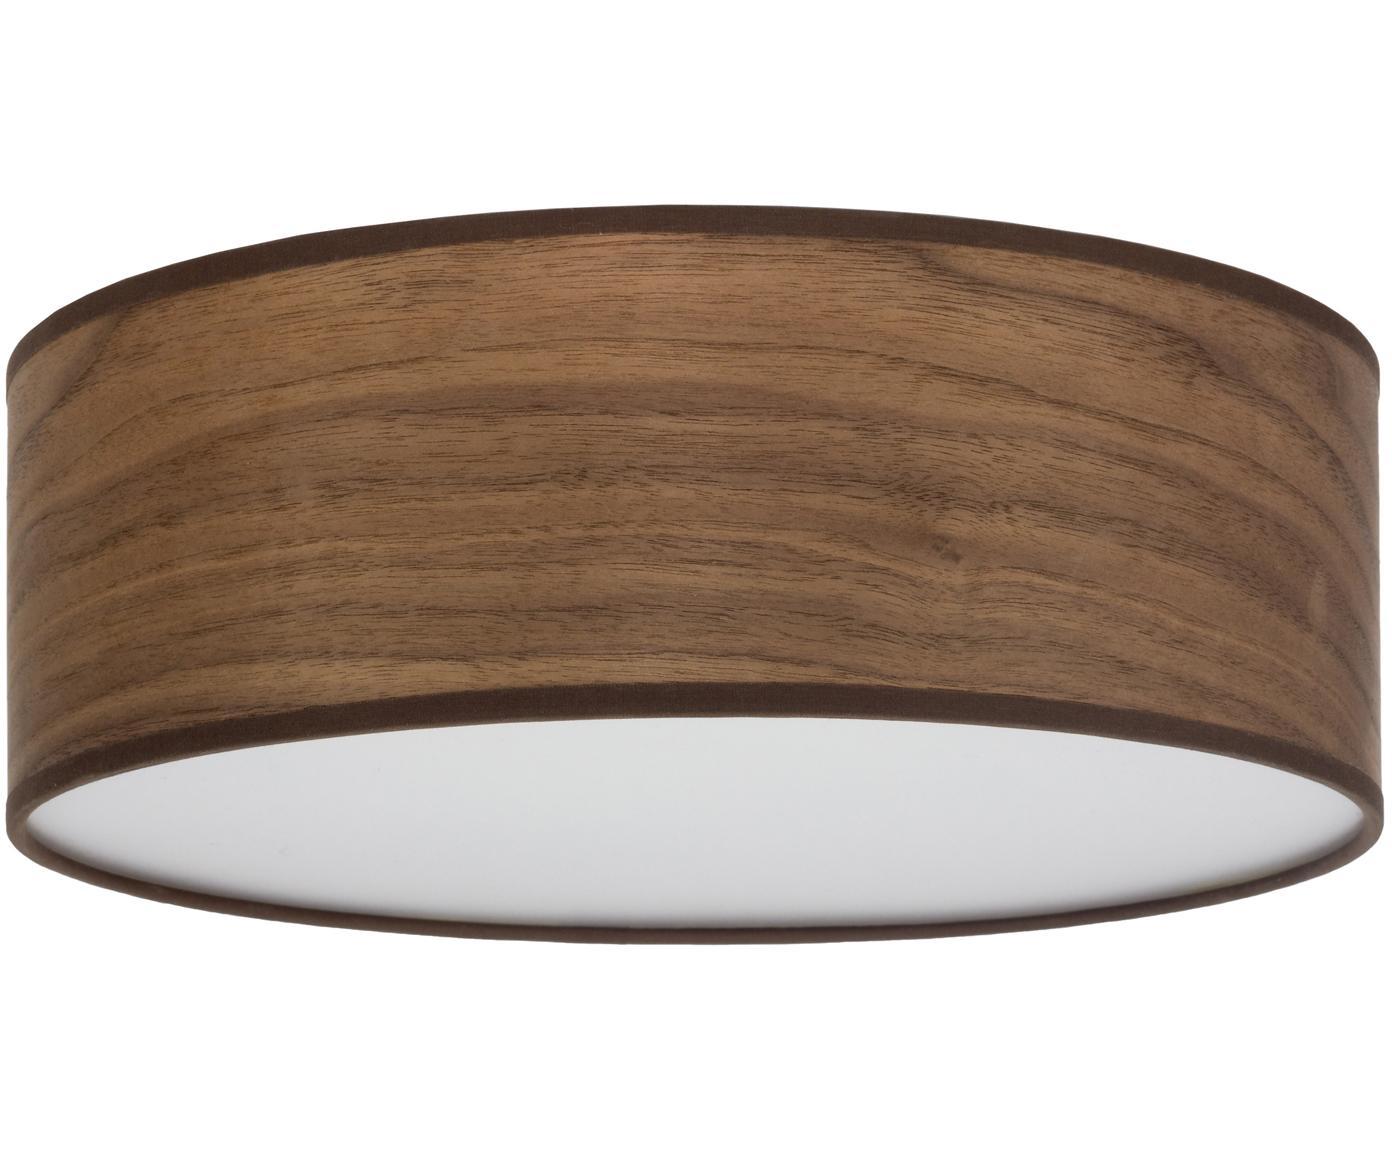 Lampa sufitowa Tsuri, Drewno orzecha włoskiego, biały, Ø 30 x W 10 cm